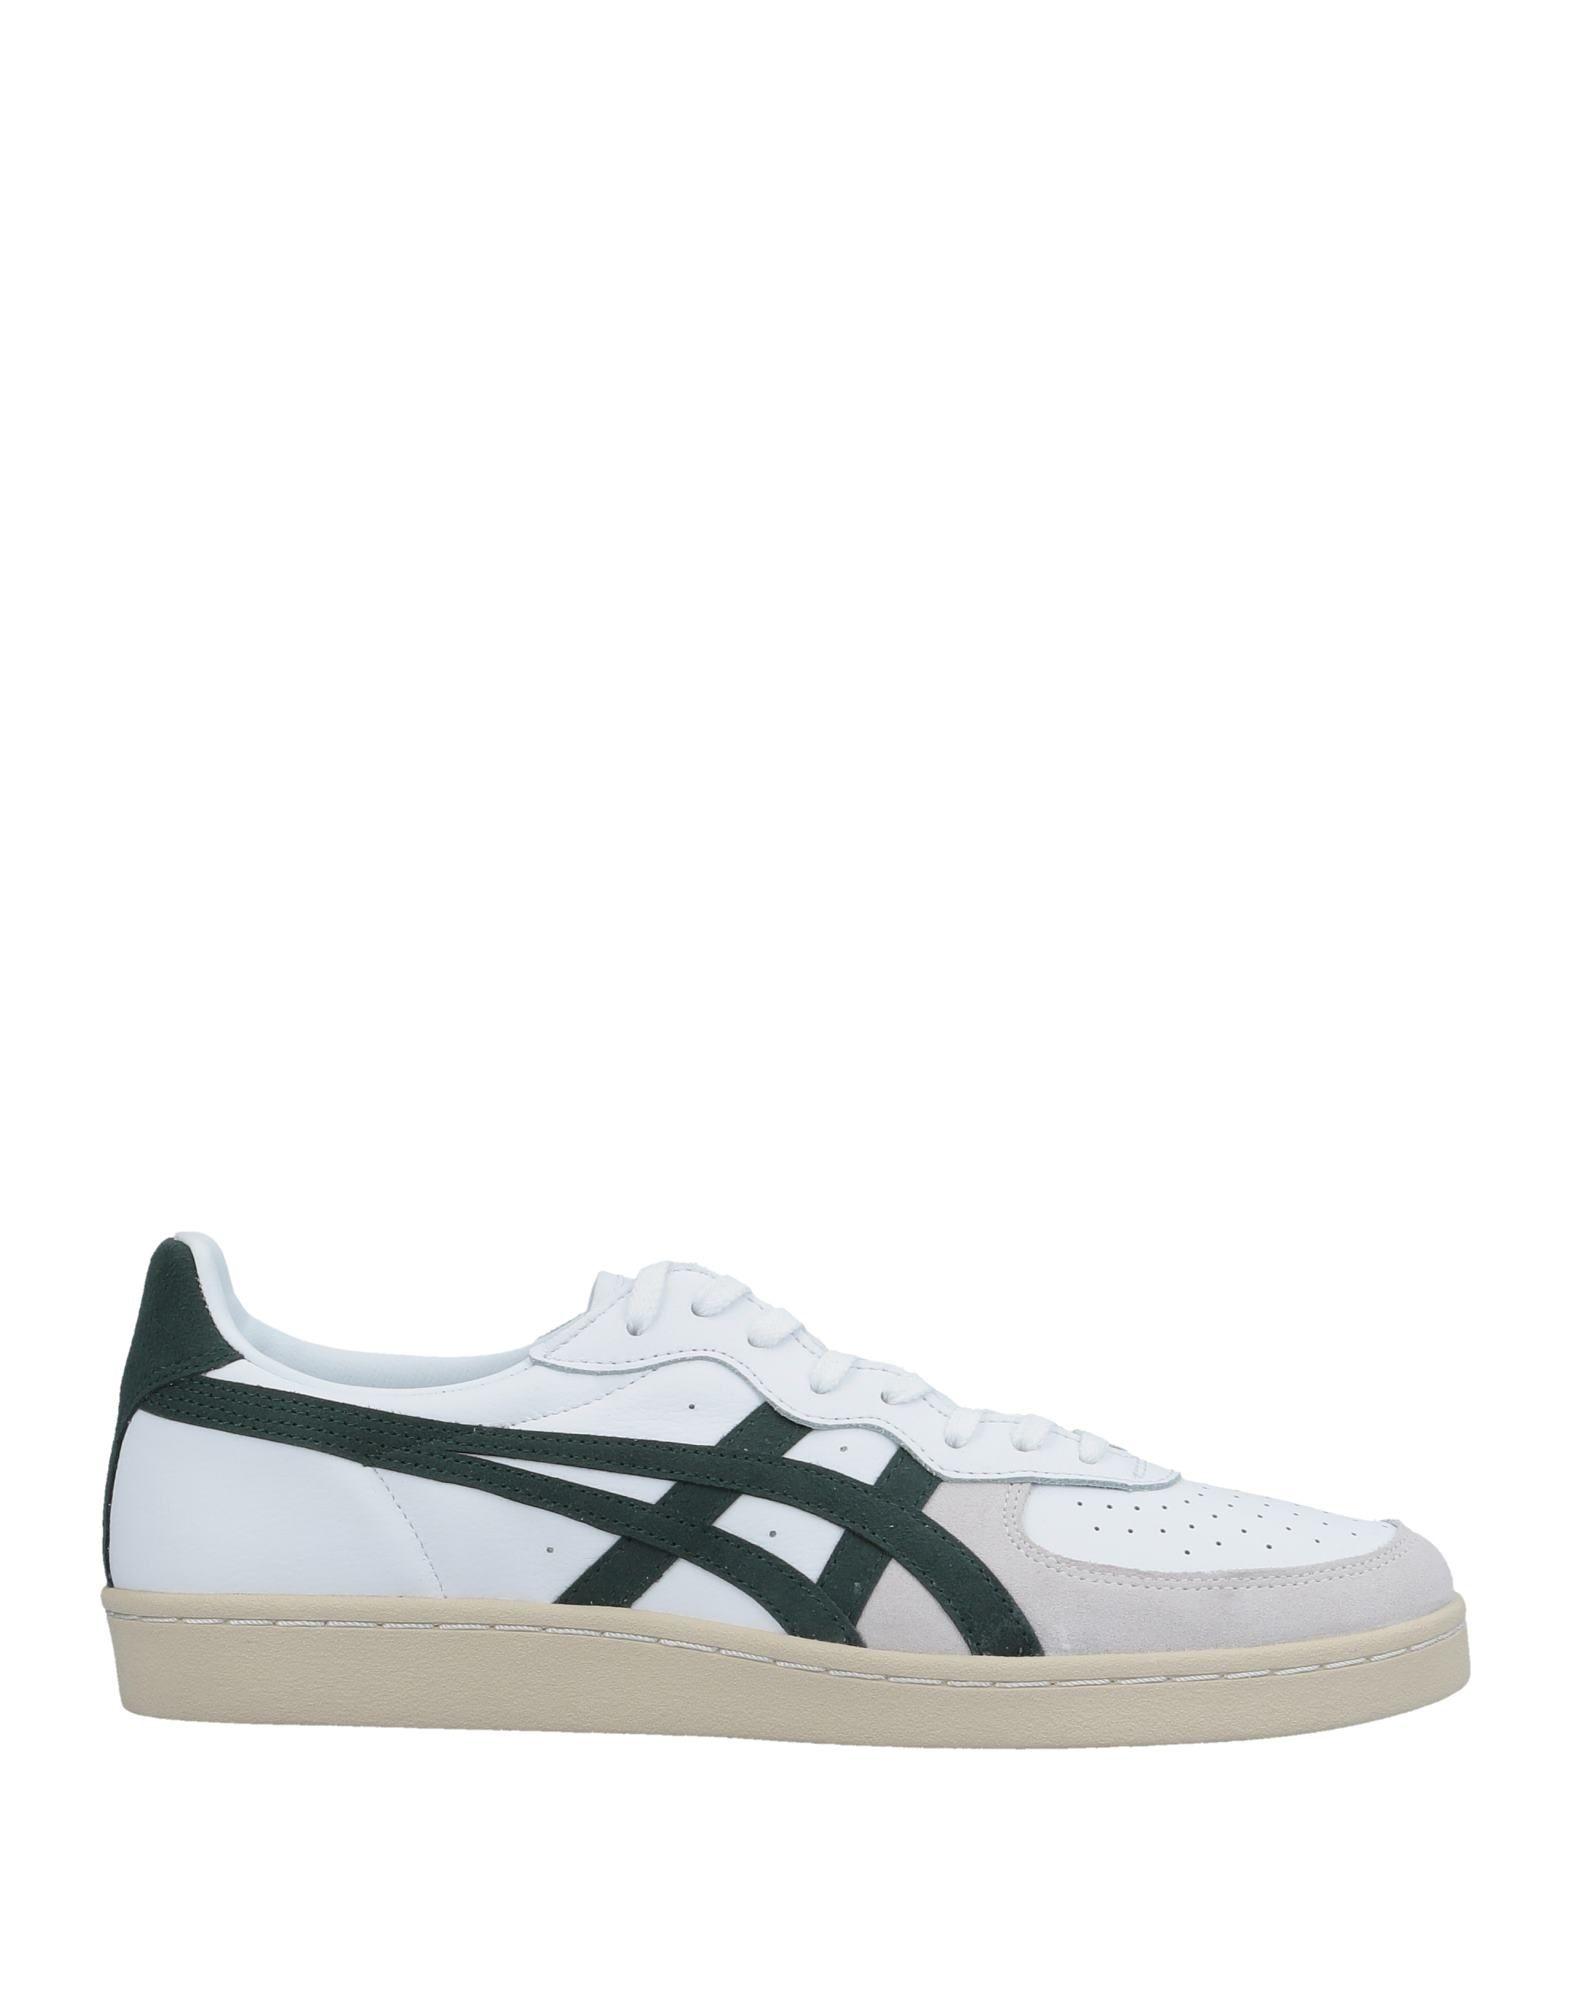 Rabatt echte Schuhe Onitsuka Tiger Sneakers Herren  11508454GO